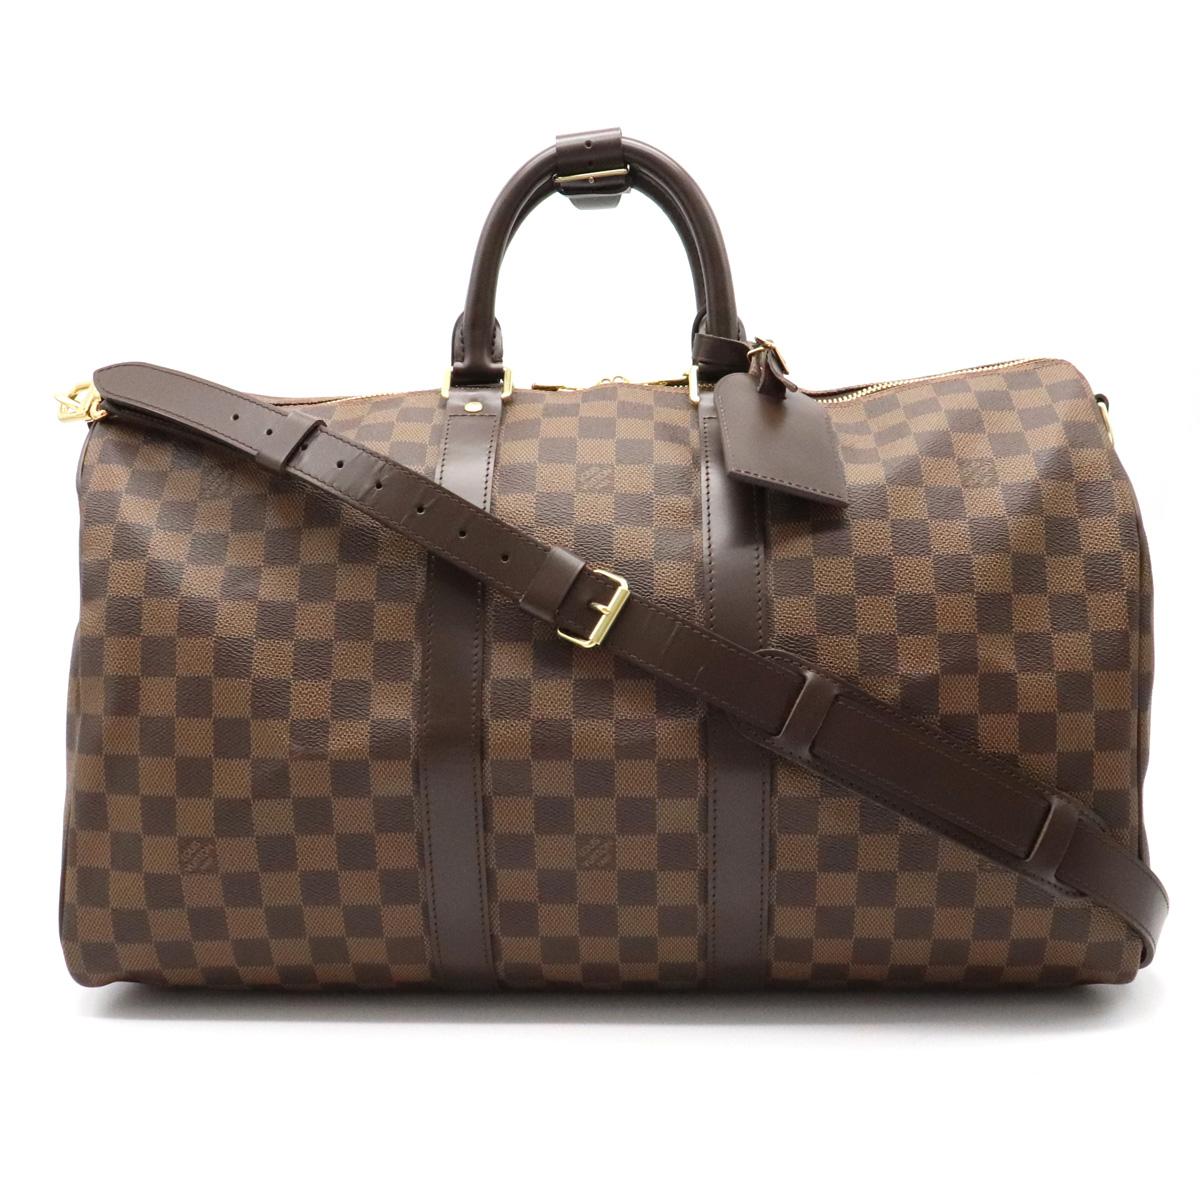 【バッグ】LOUIS VUITTON ルイ ヴィトン ダミエグラフィット キーポルバンドリエール45 ボストンバッグ 旅行カバン 2WAYショルダー イニシャル入り N41428 【中古】